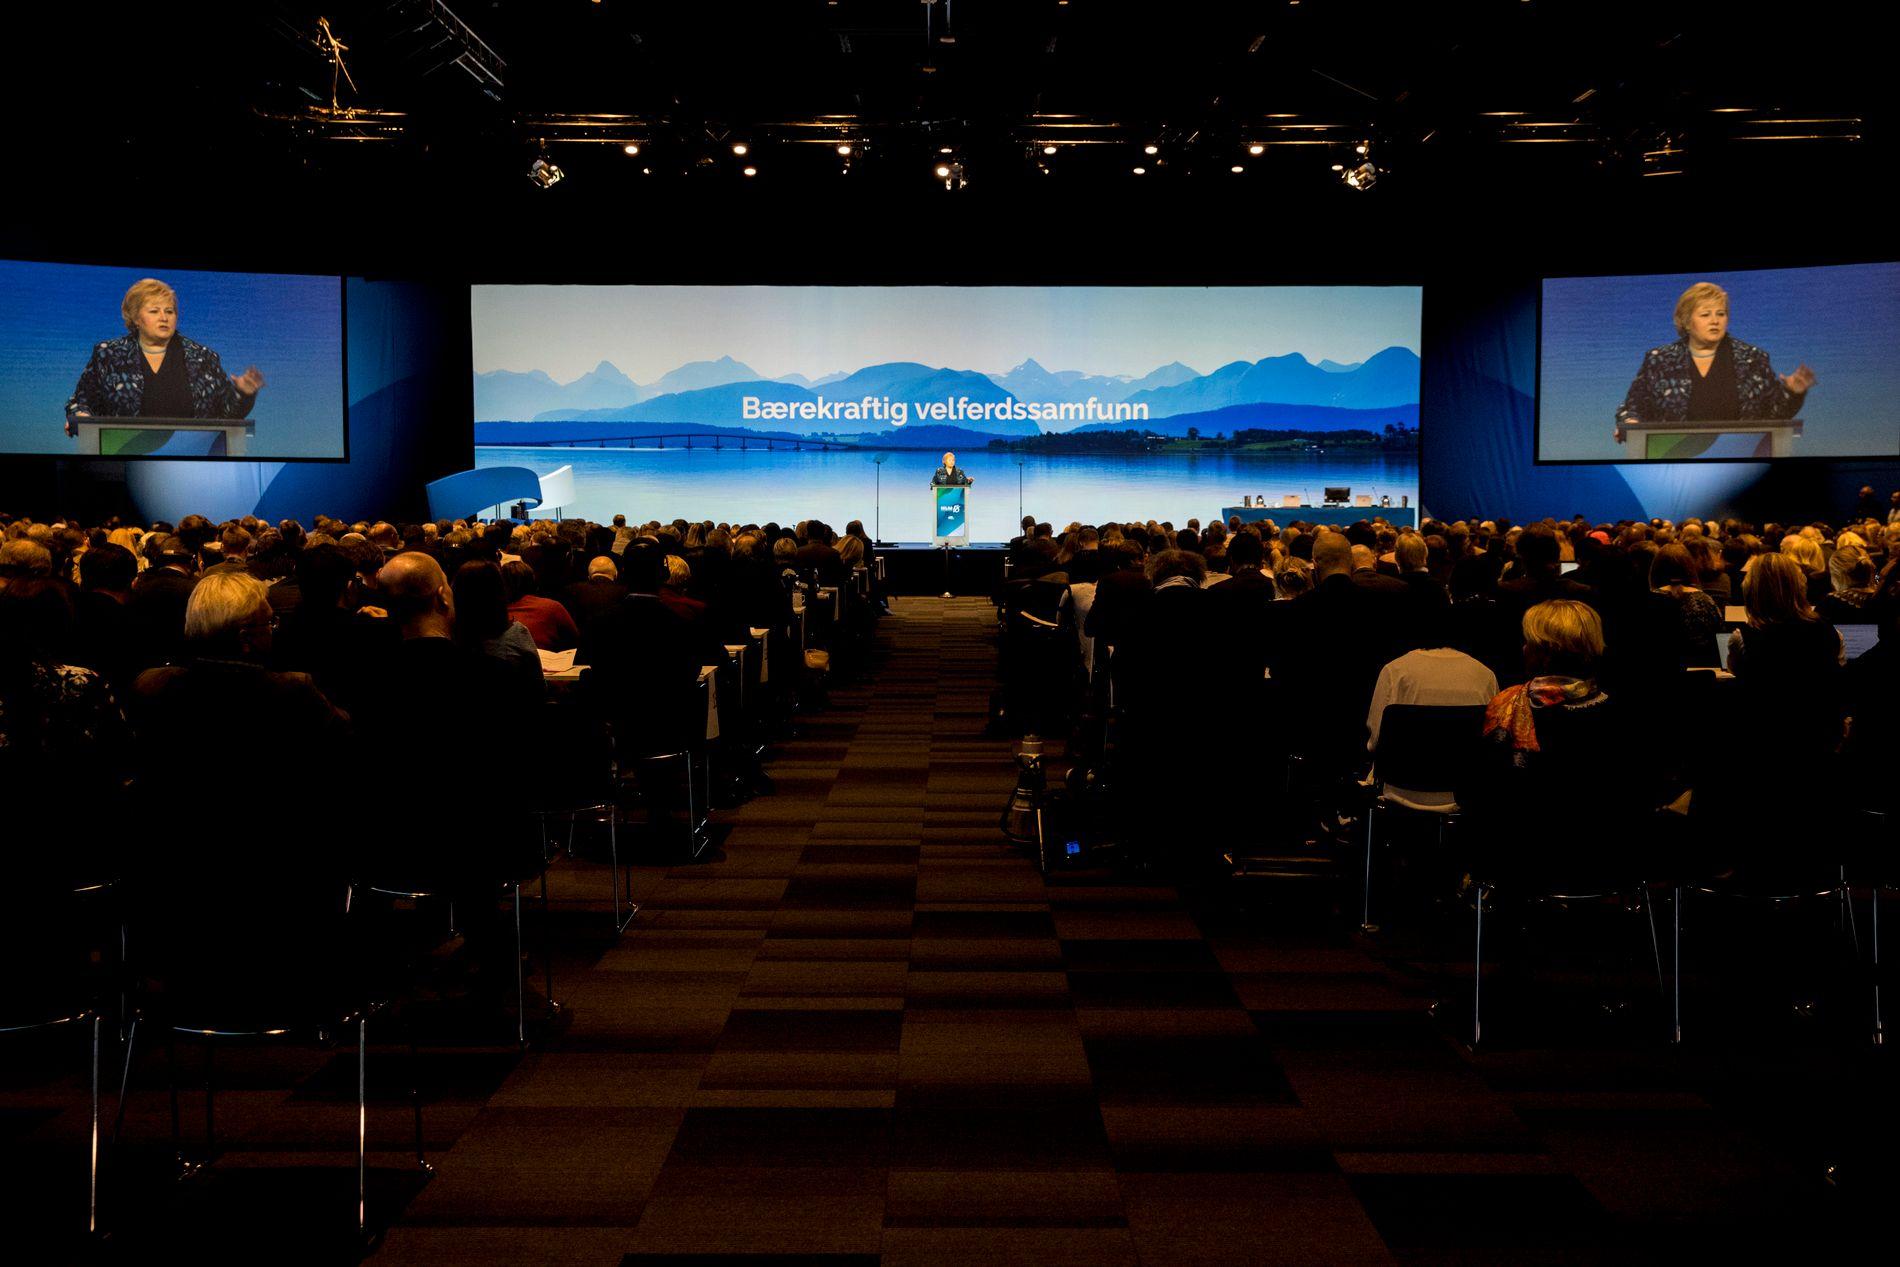 AVSLUTTET: Opp mot 700 mennesker har vært til stede under Høyres landsmøte på Gardermoen i helgen.